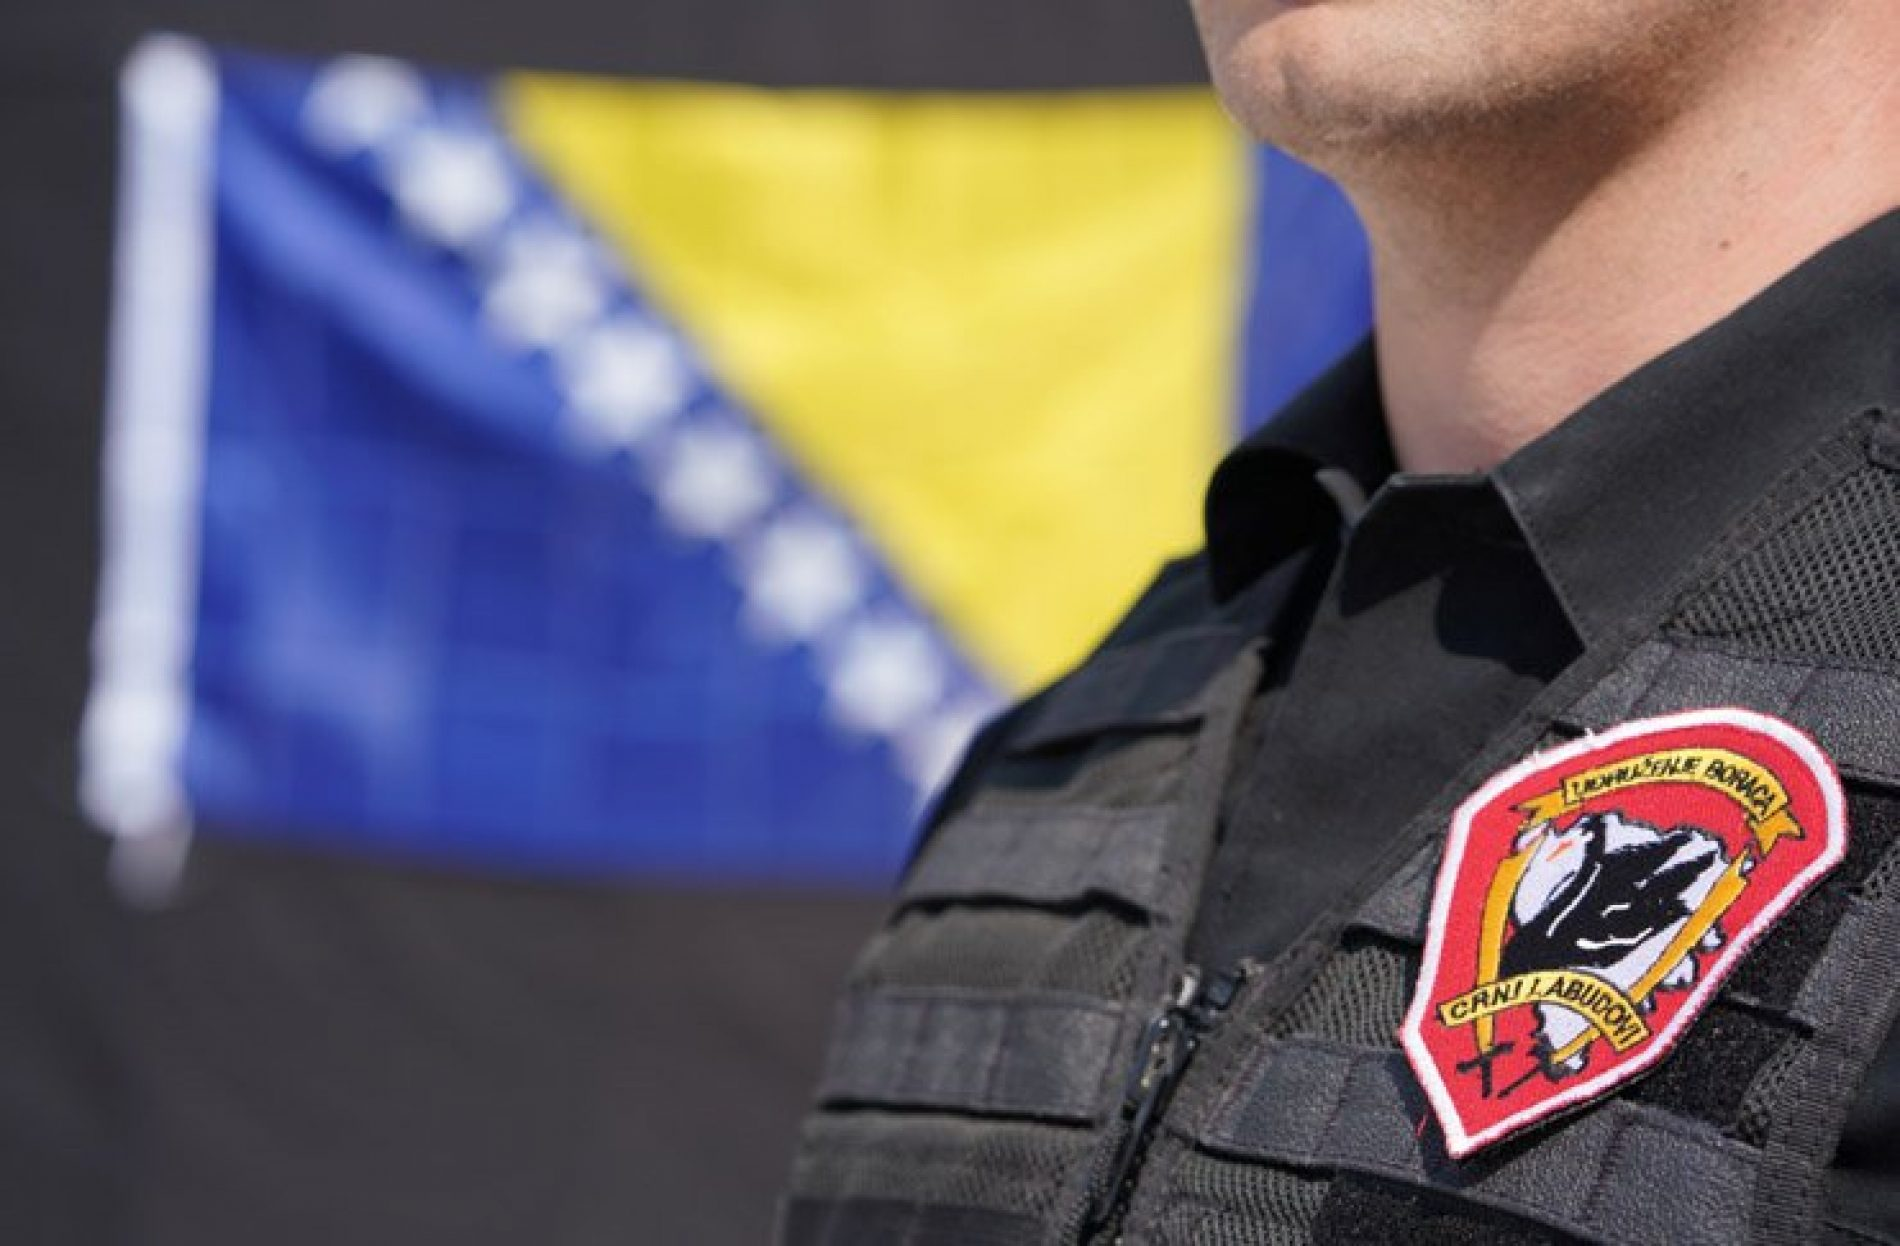 Godišnjica osnivanja: 'Crni labudovi' bili jedna od najboljih jedinica Armije RBiH